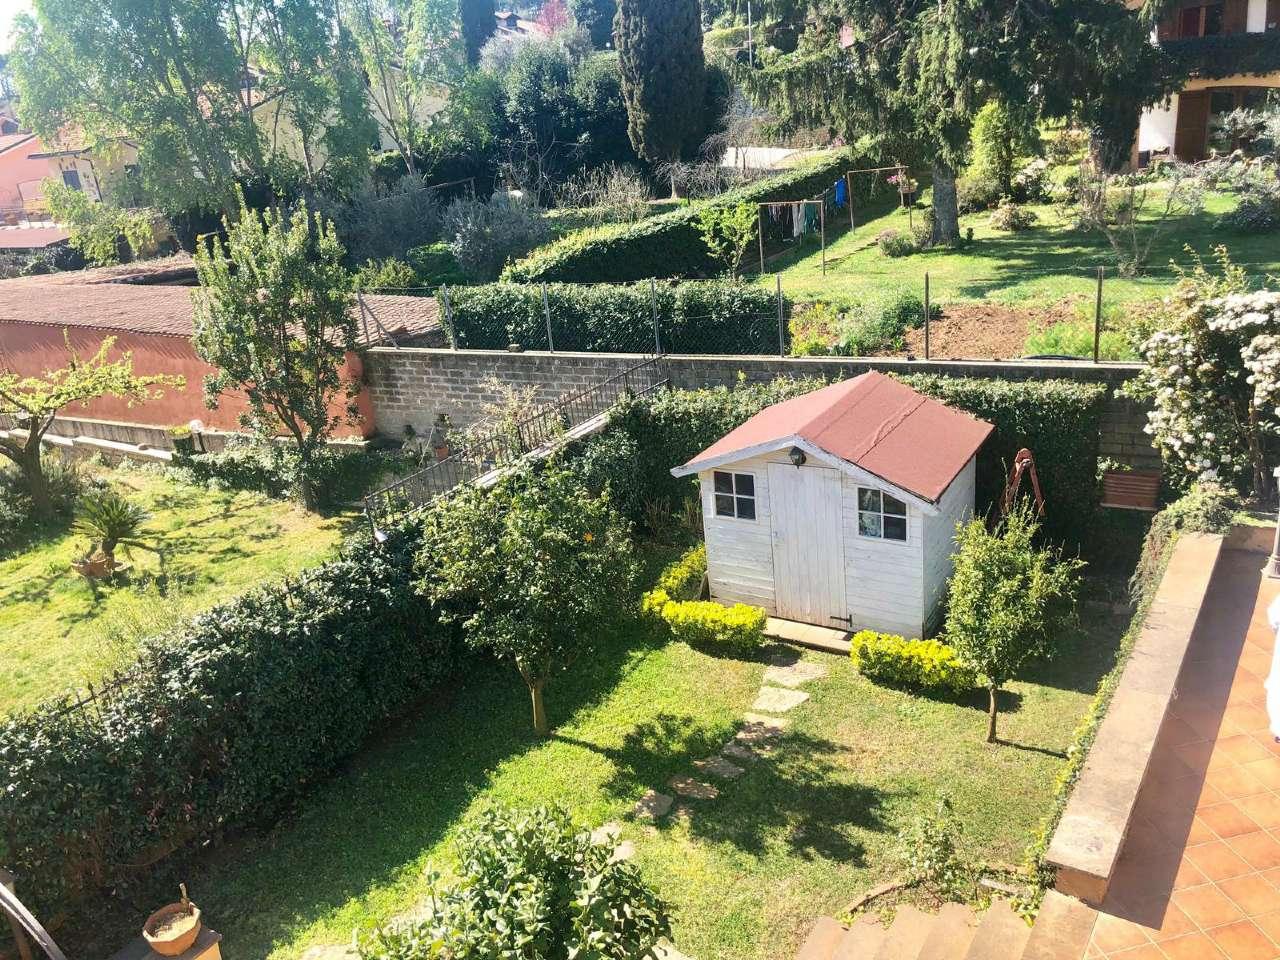 Villa Bifamiliare in vendita a Sacrofano, 5 locali, prezzo € 260.000 | CambioCasa.it